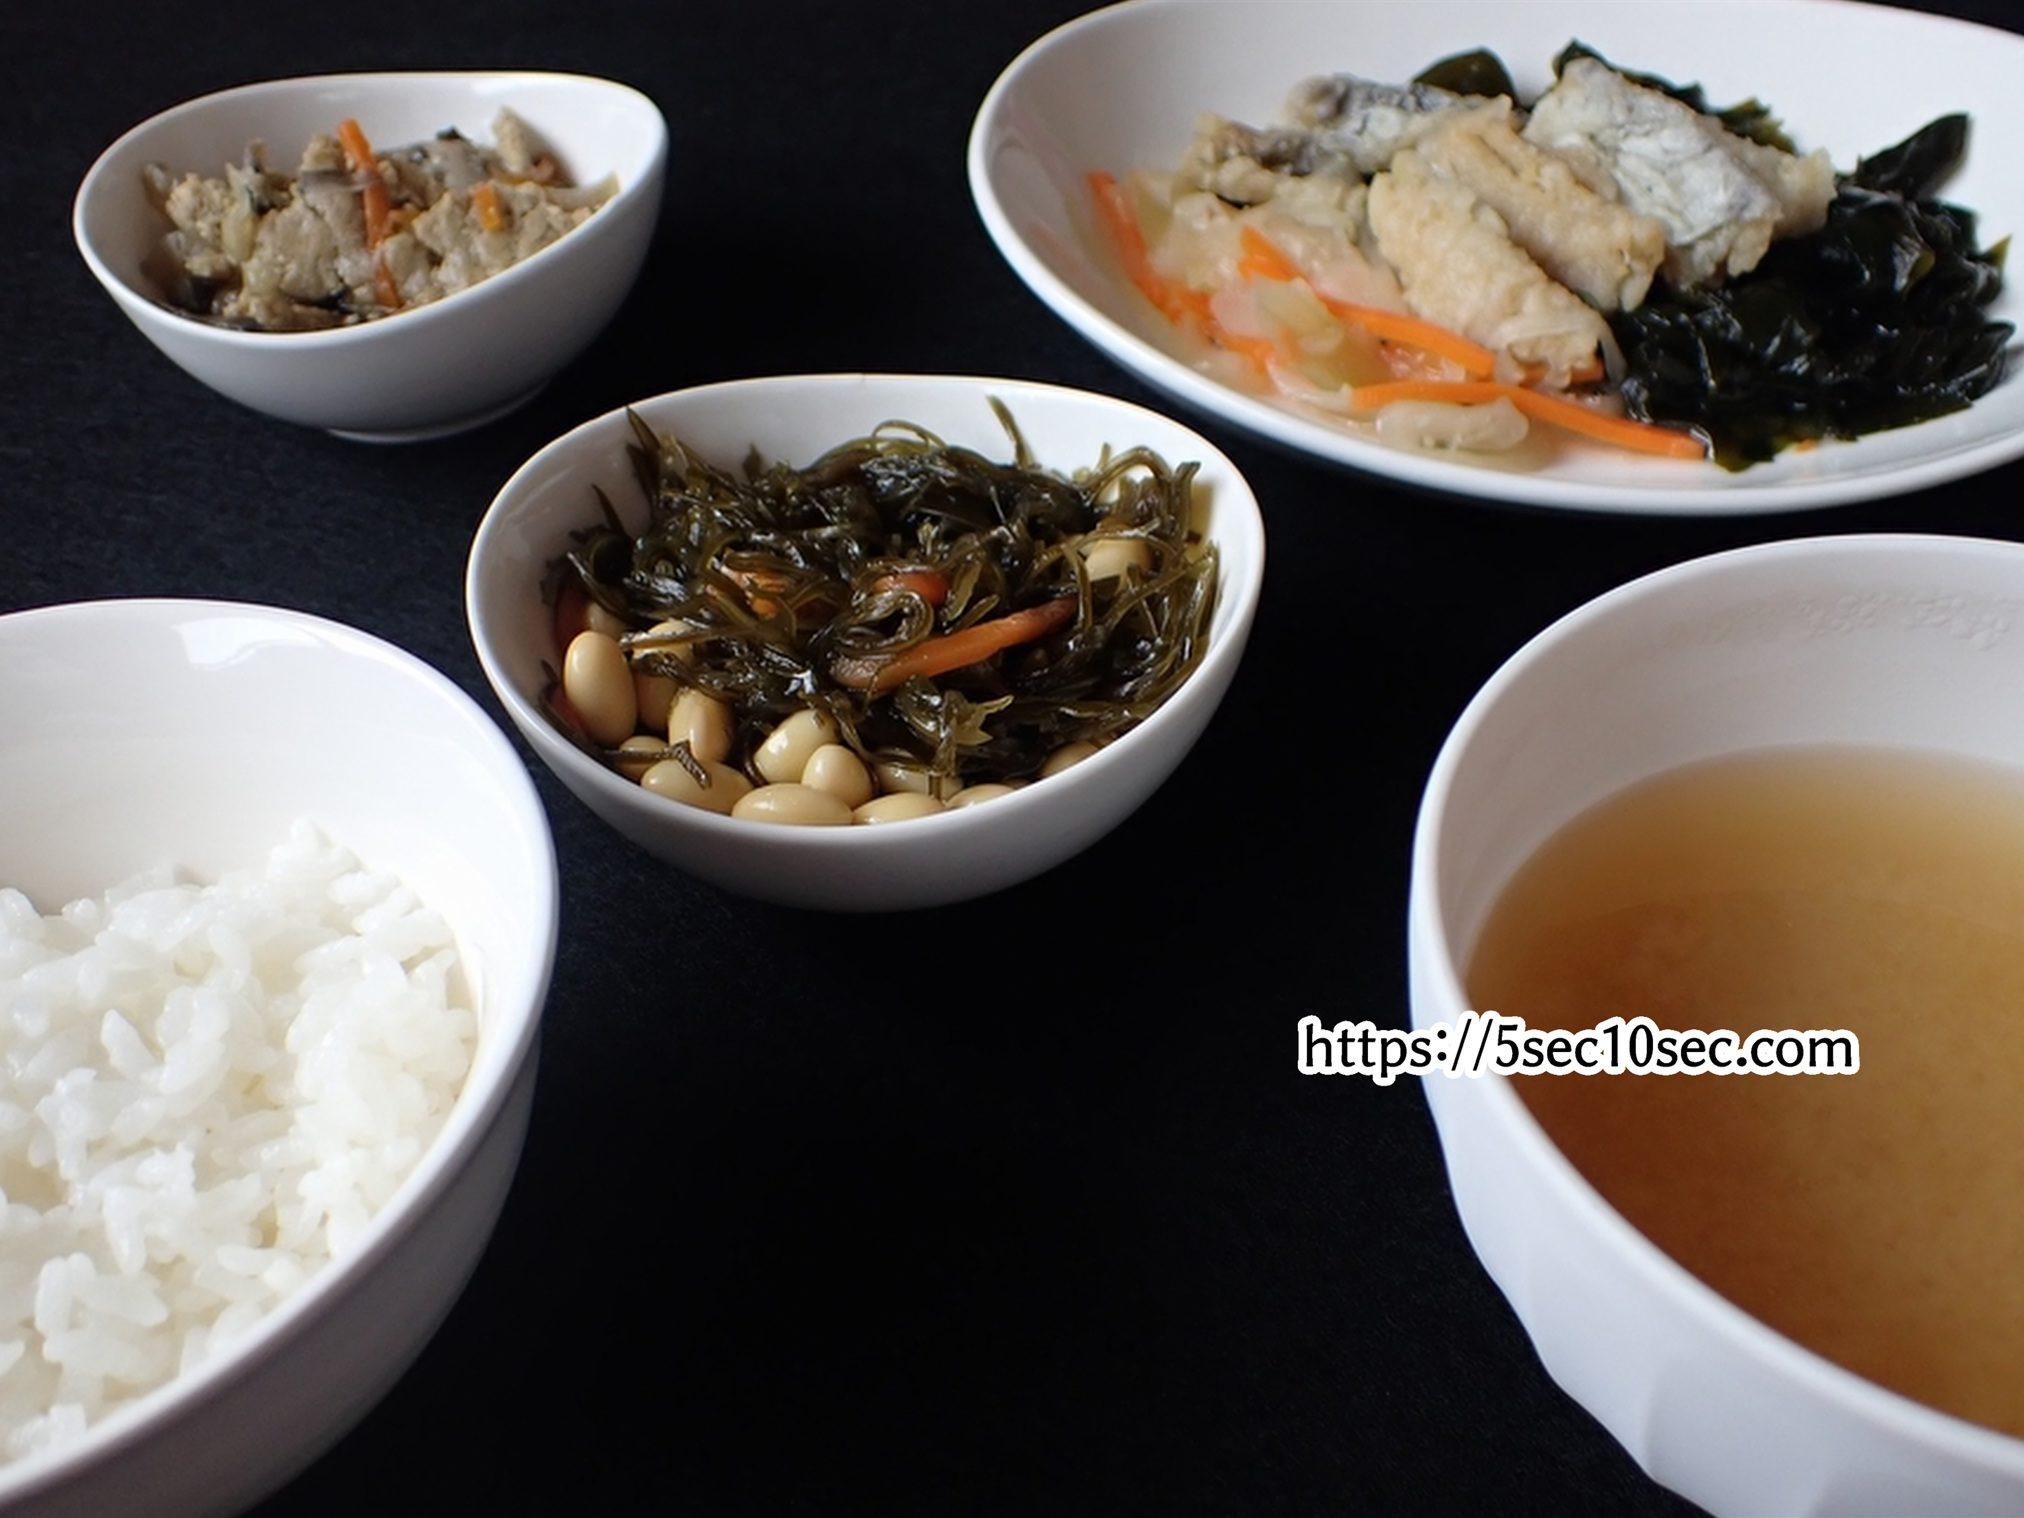 わんまいる 健幸ディナー 瀬戸内海産 太刀魚の南蛮漬けセット 白米と味噌汁と合わせて